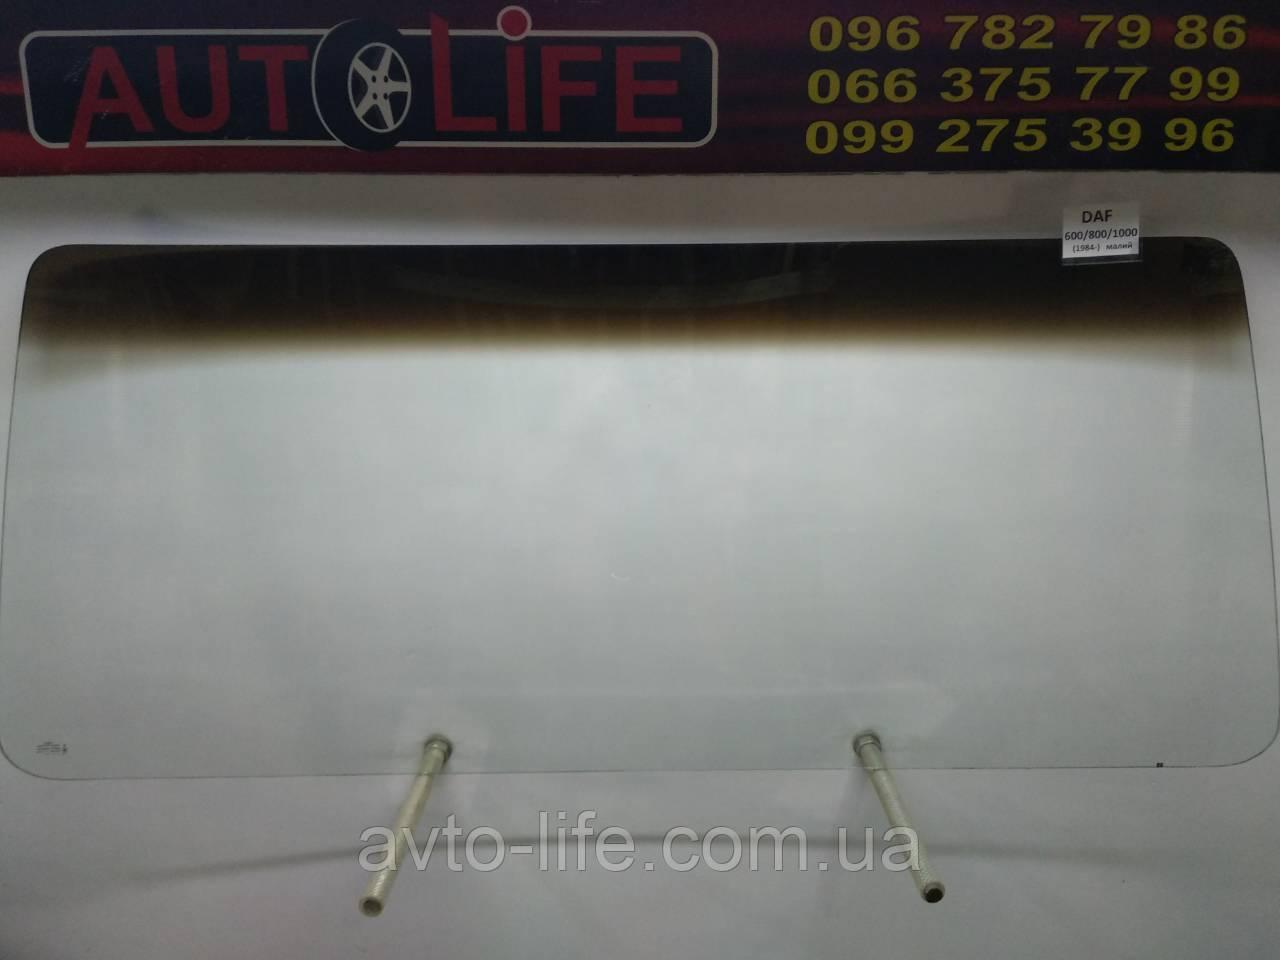 Лобовое стекло Daf 600/ 800/ 1000 (Малый) (Грузовик) | Автостекло Даф 600/800/1000